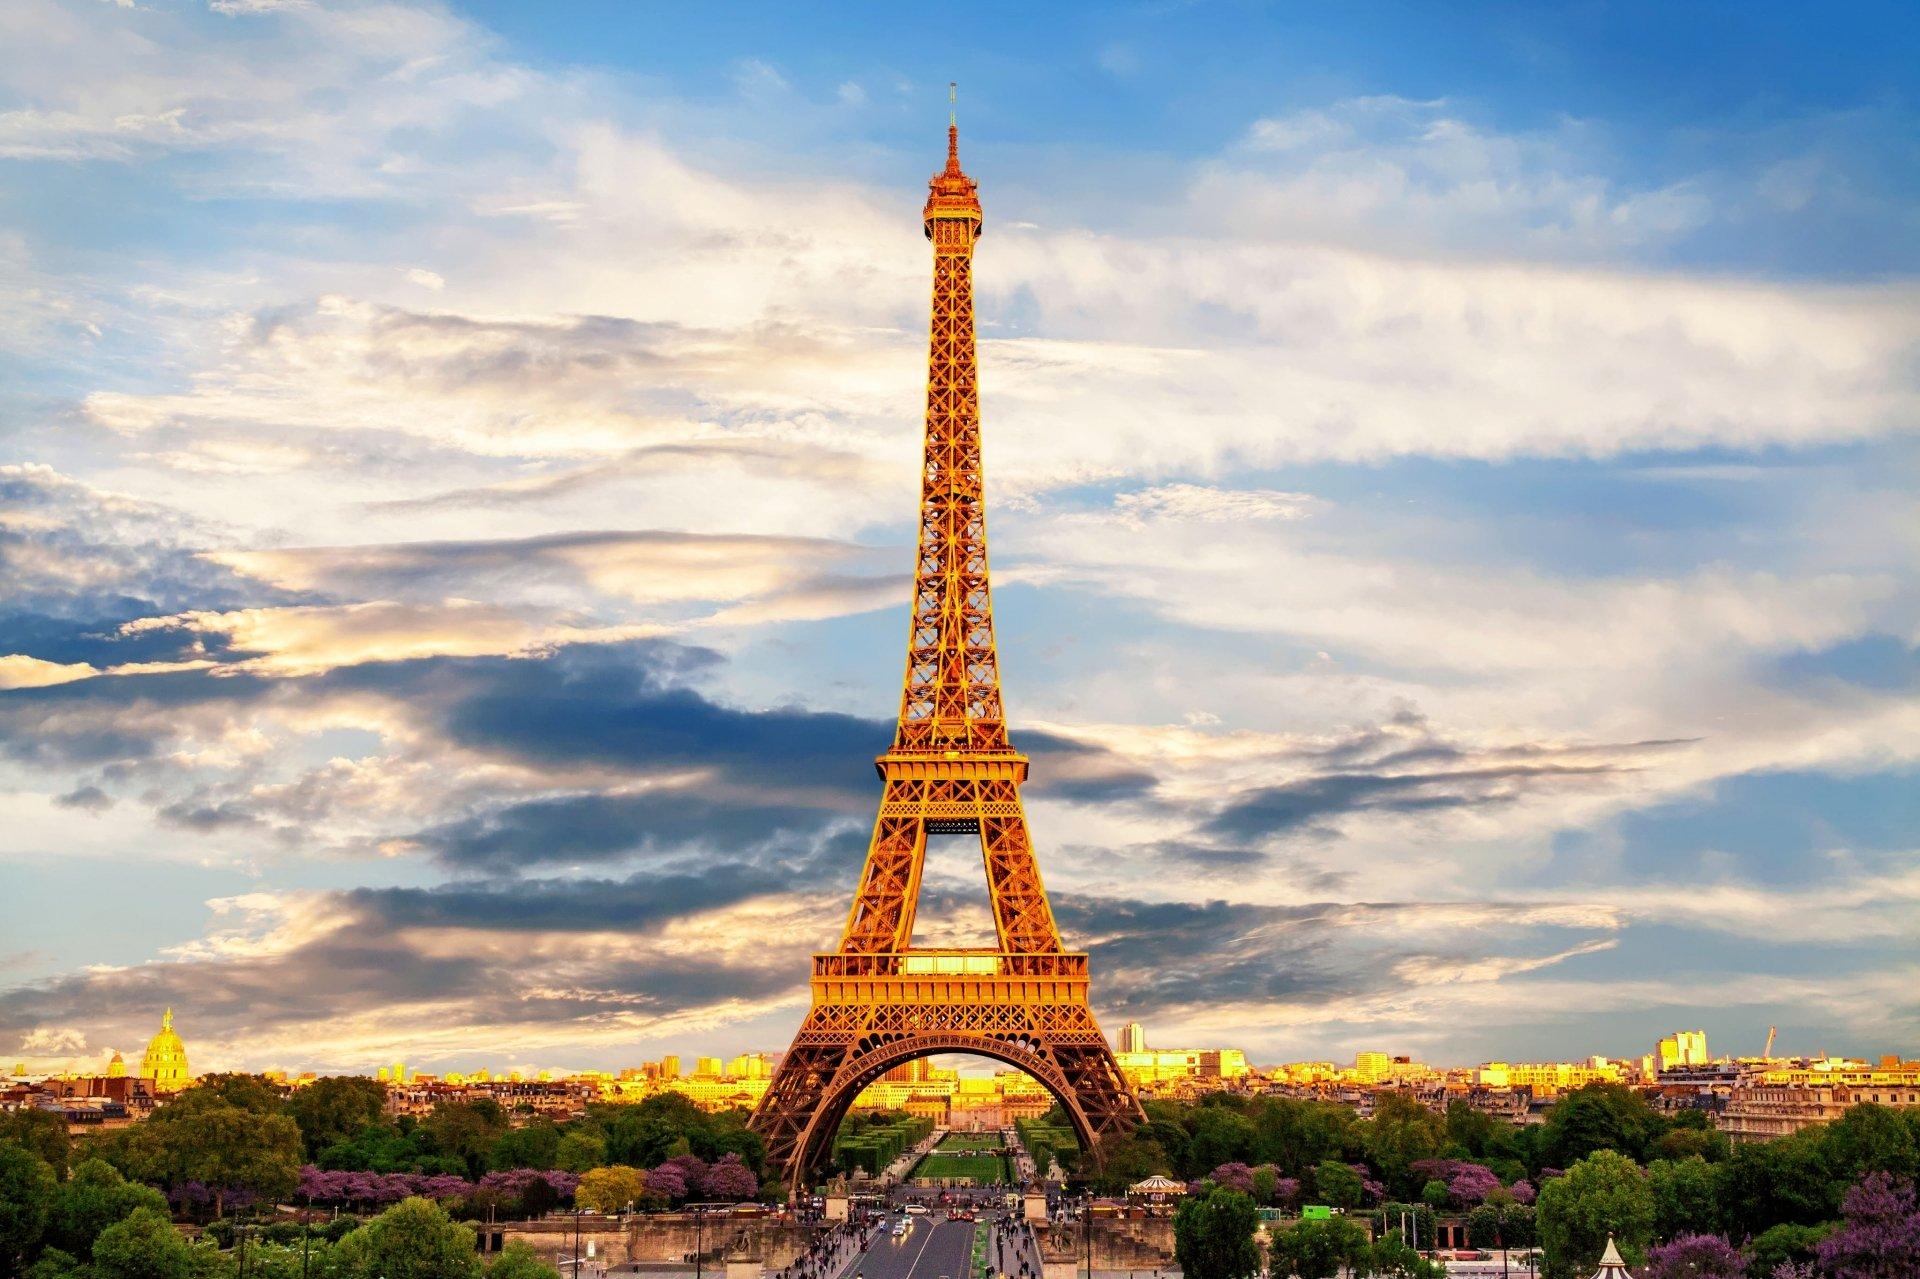 Paris à nouveau nommée première destination mondiale pour les réunions internationales